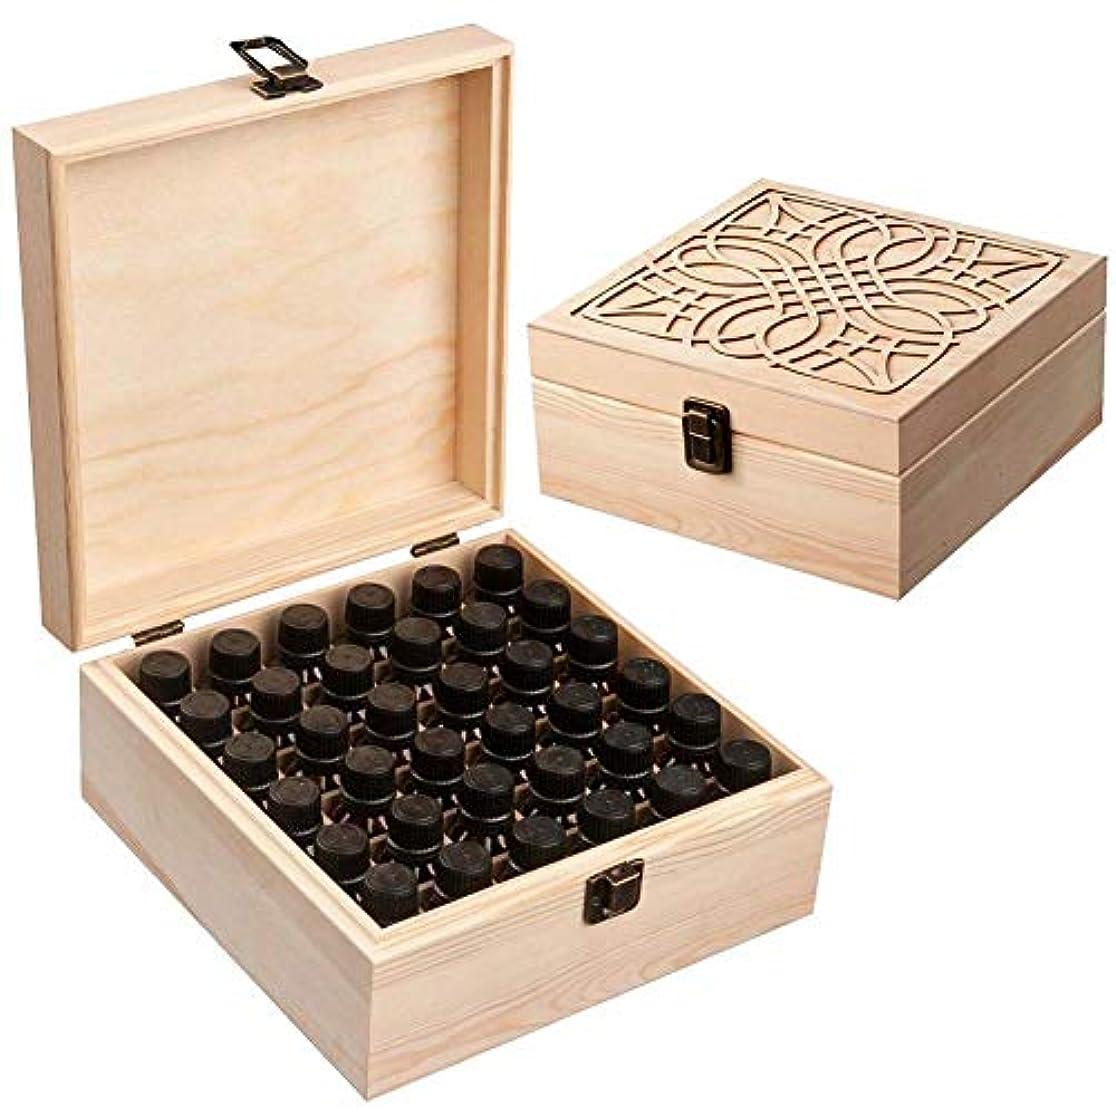 仕事に行くライドウェーハNewfashion エッセンシャルオイル収納ボックス 精油収納 アロマケース 木製 大容量 携帯便利 オイルボックス 飾り物 36本用